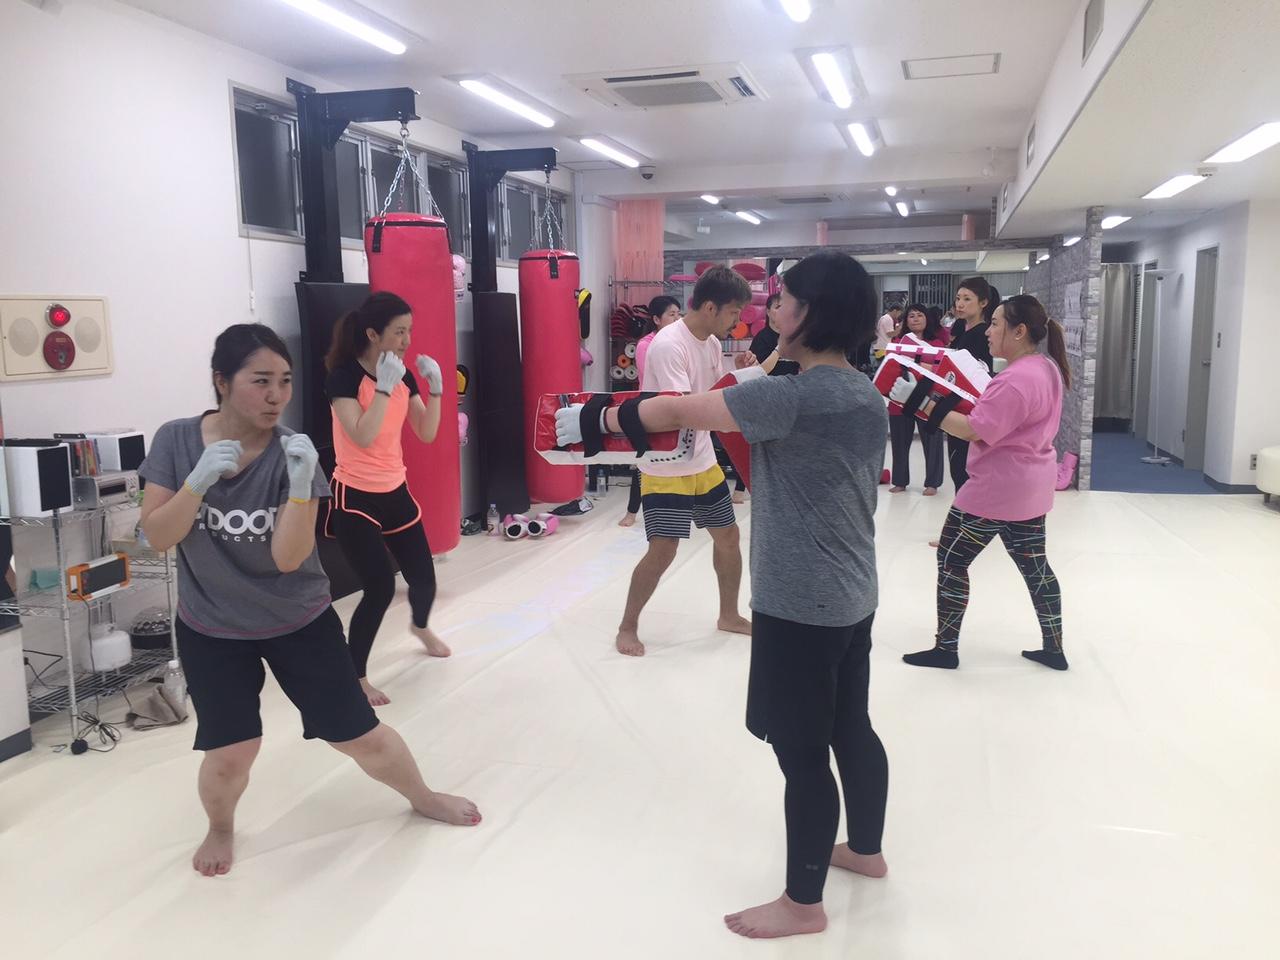 ボクシング 女性 キック